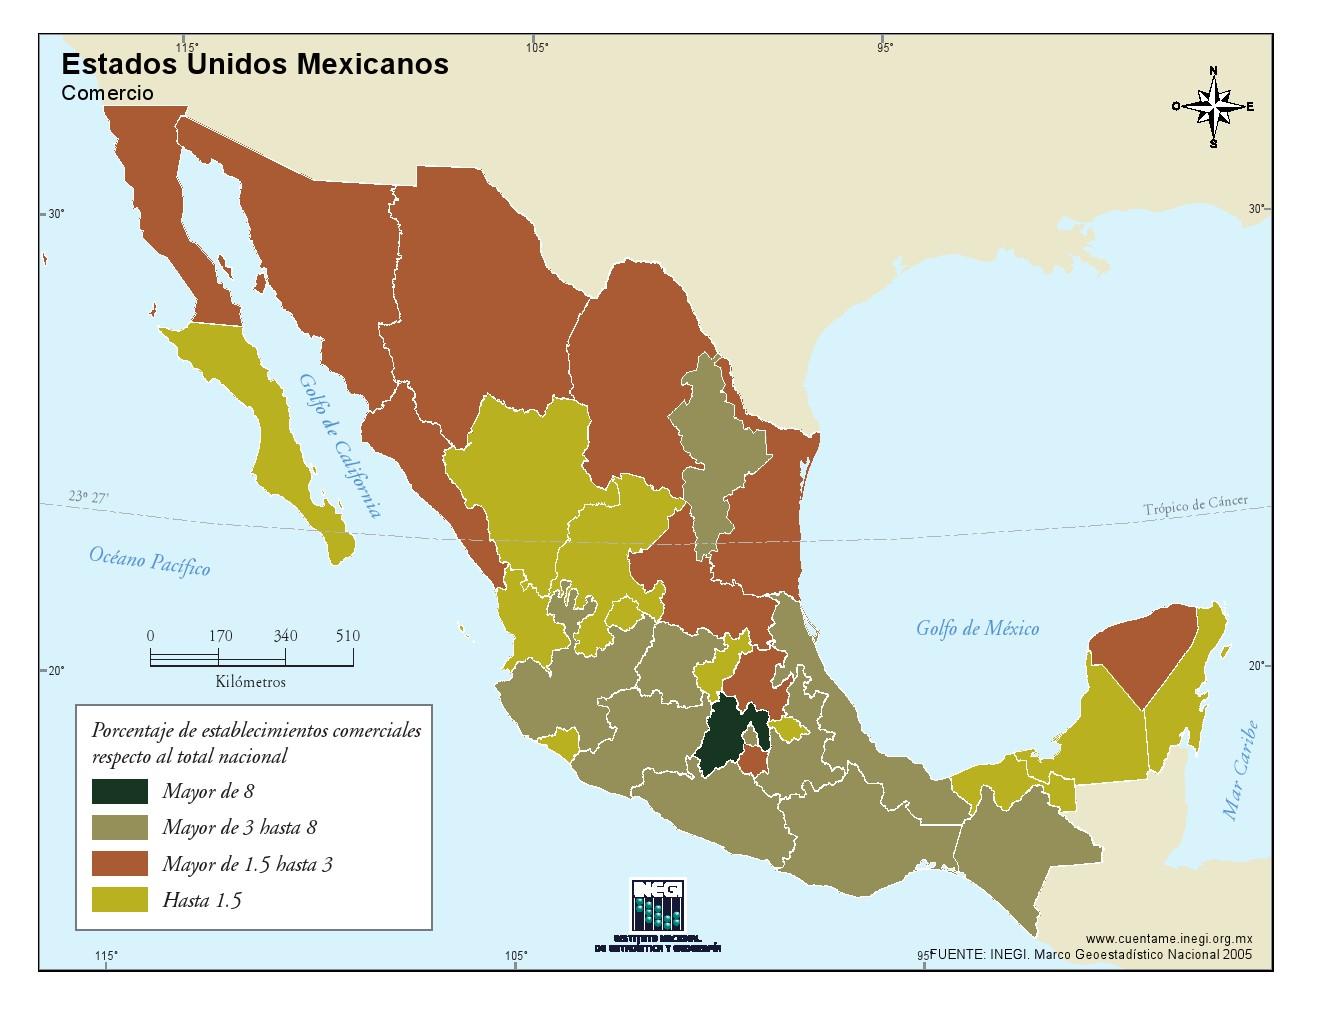 Mapa de comercio de México. INEGI de México